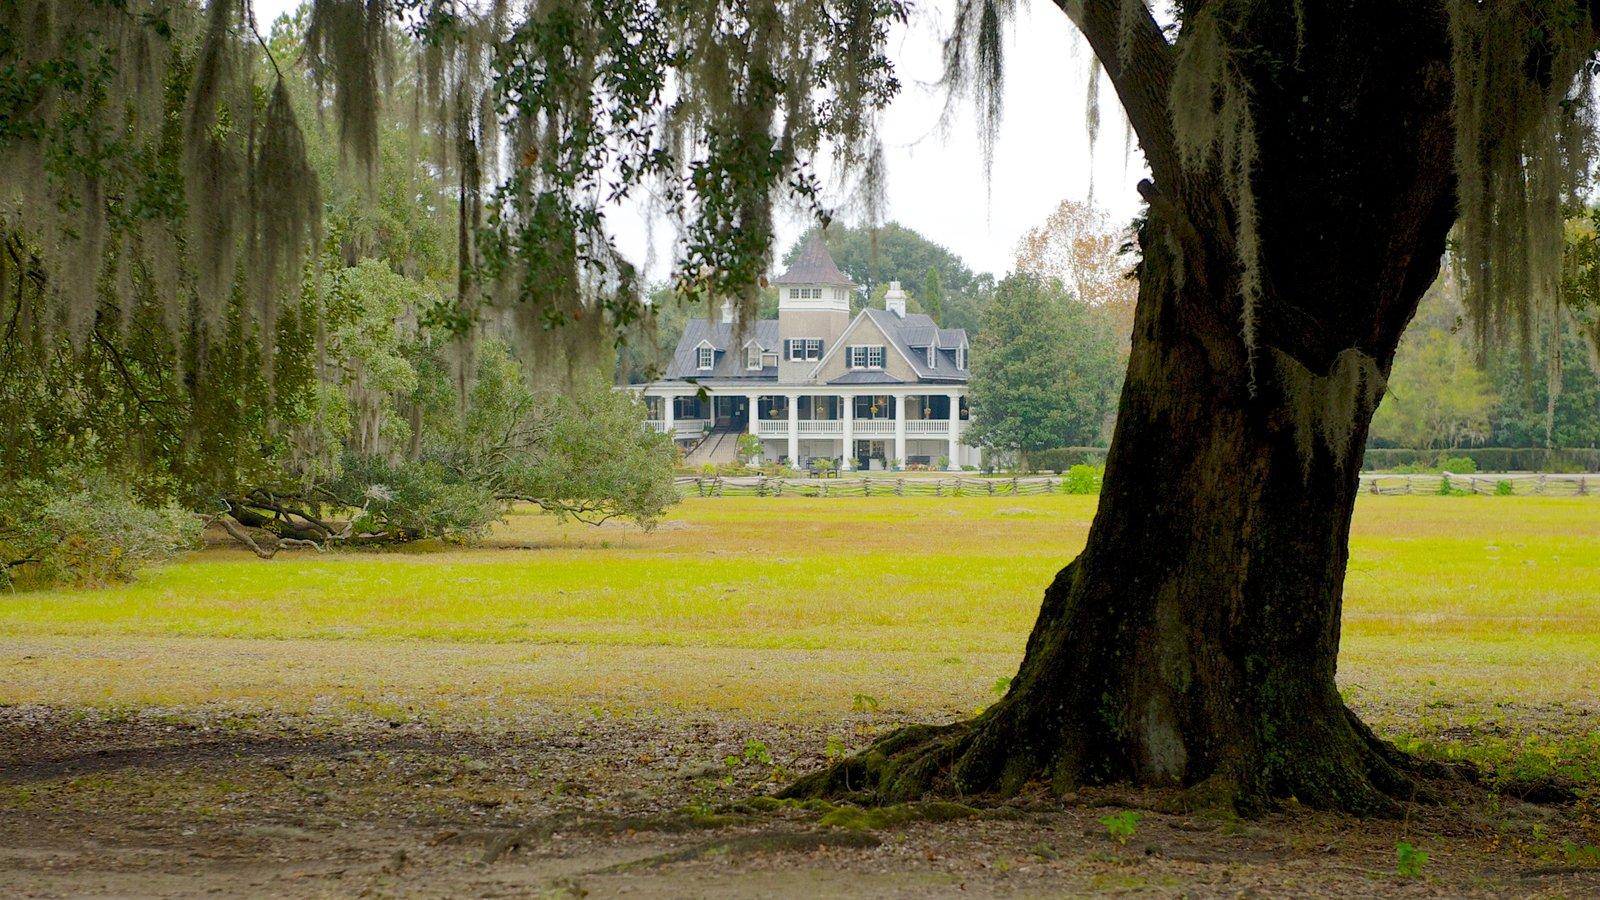 Magnolia Plantation and Gardens mostrando uma casa, paisagem e um jardim